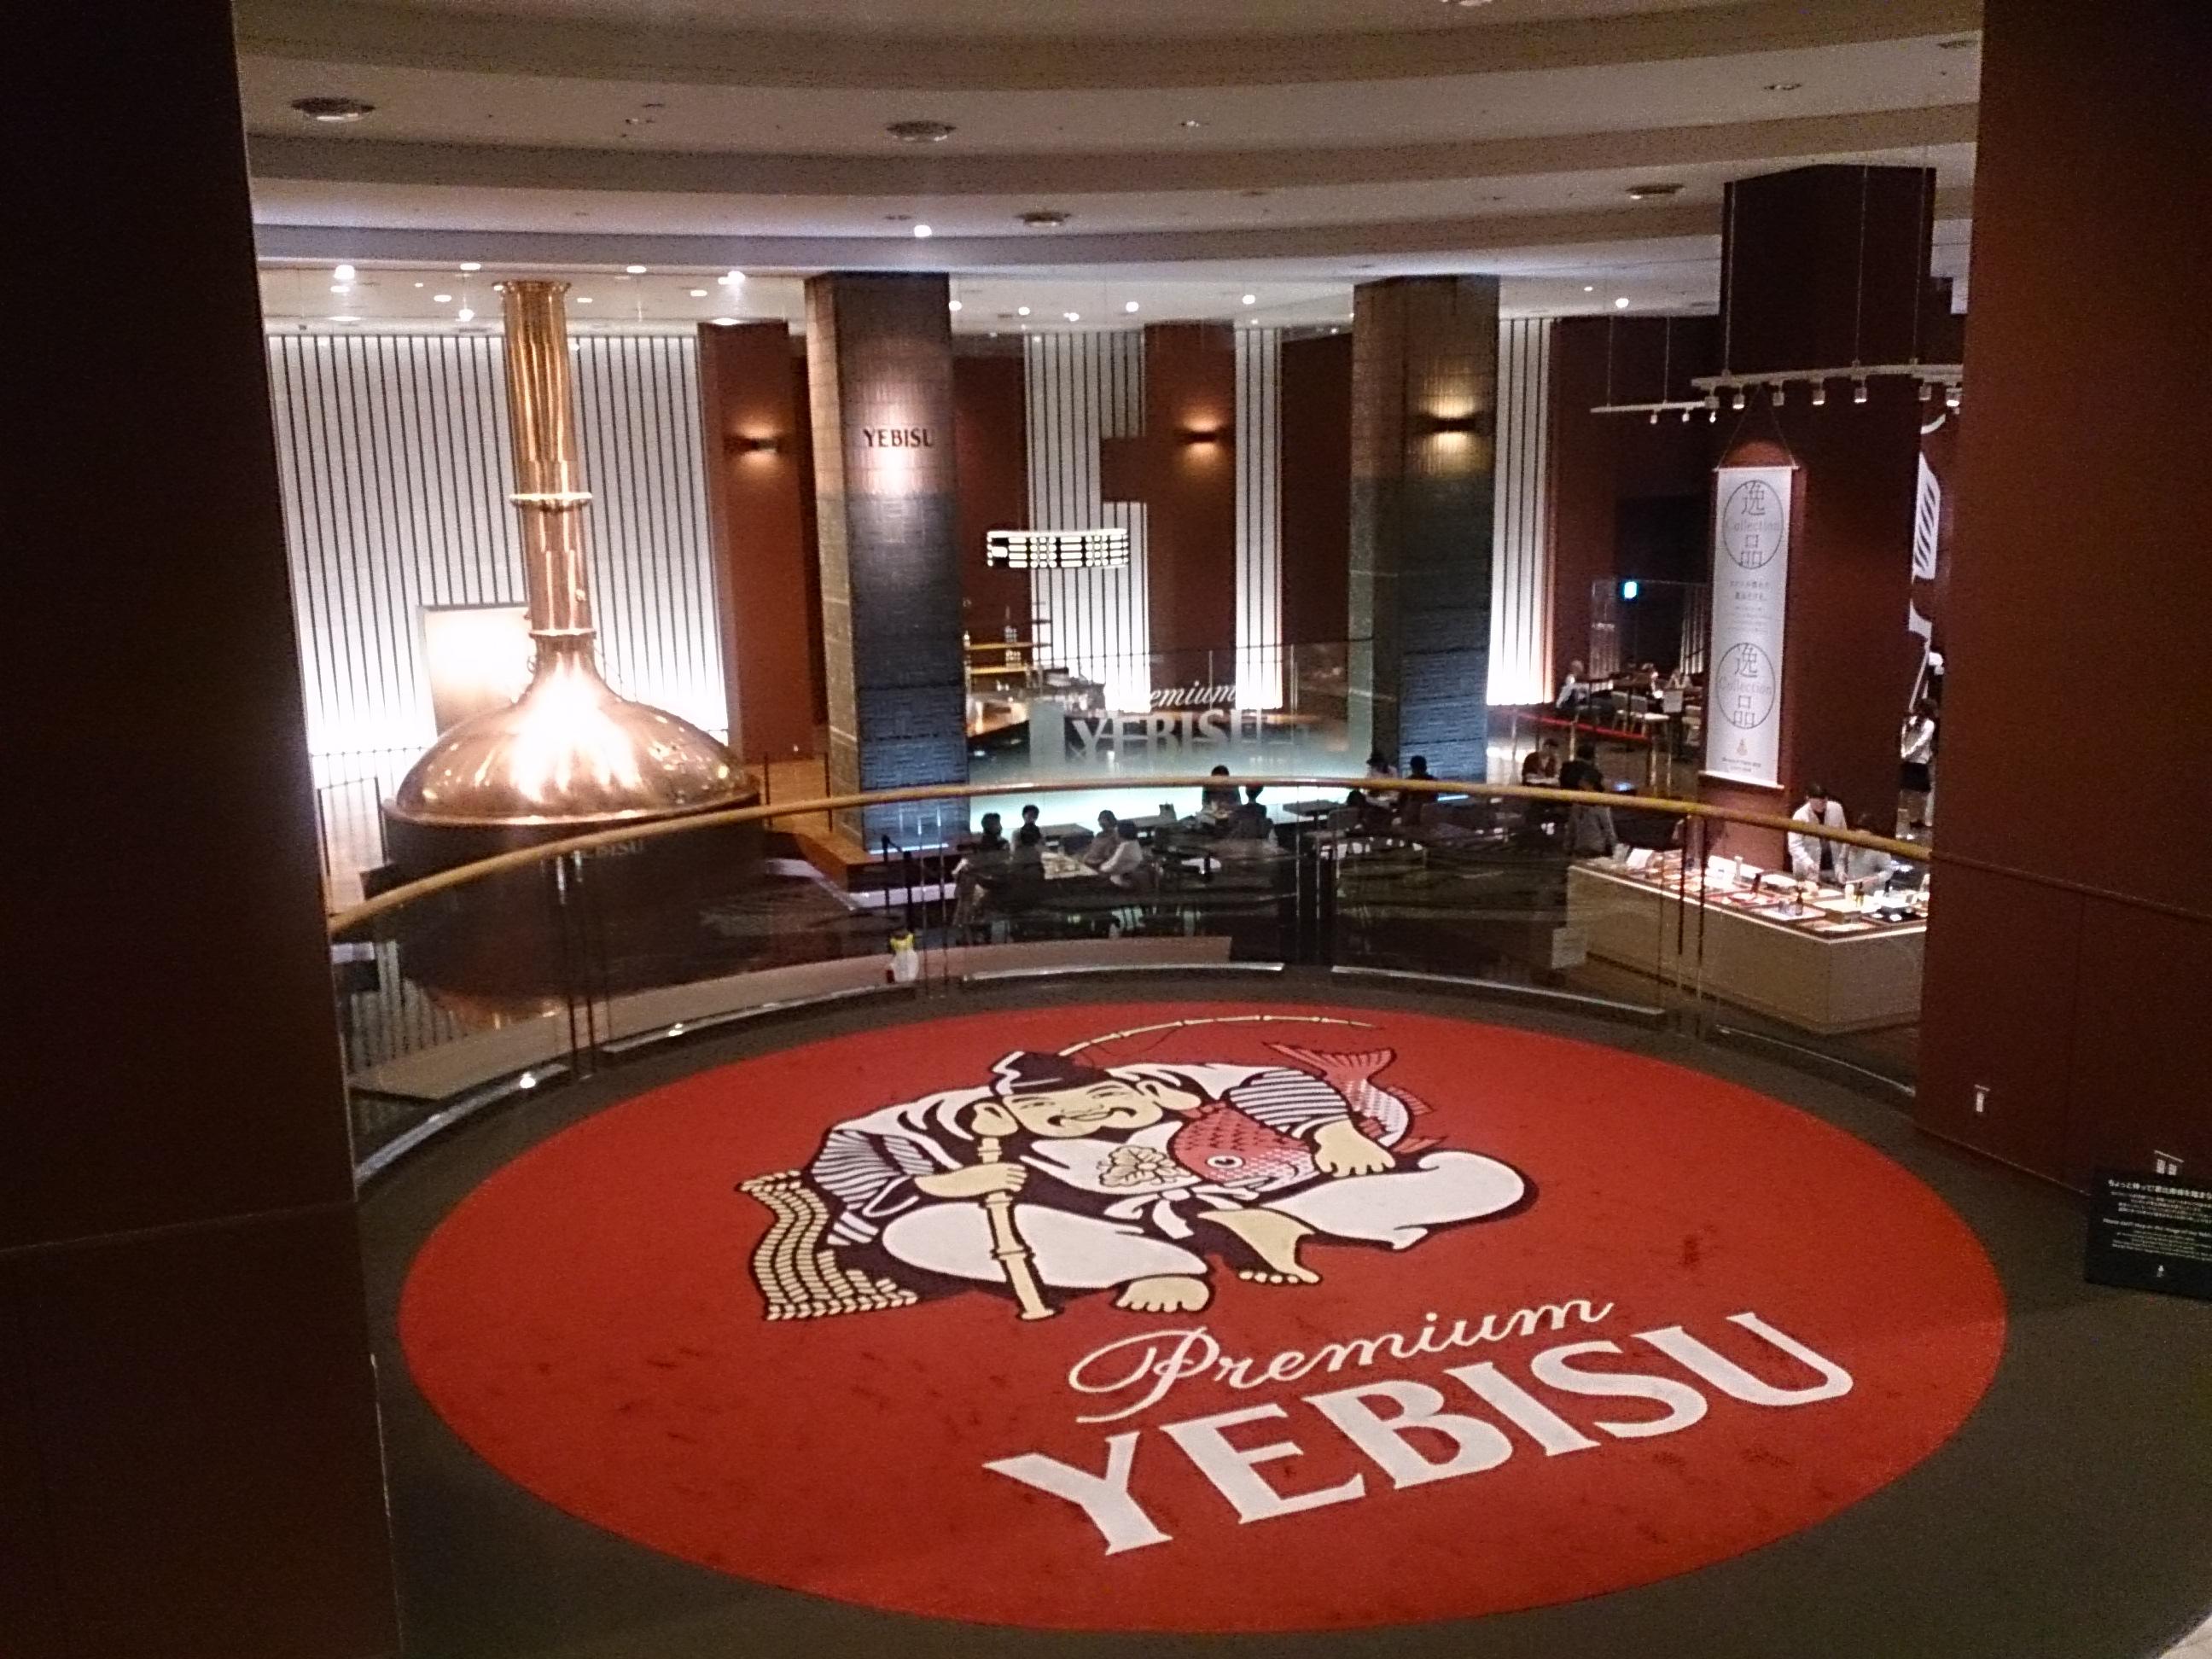 ヱビスビール記念館で大人の社会見学